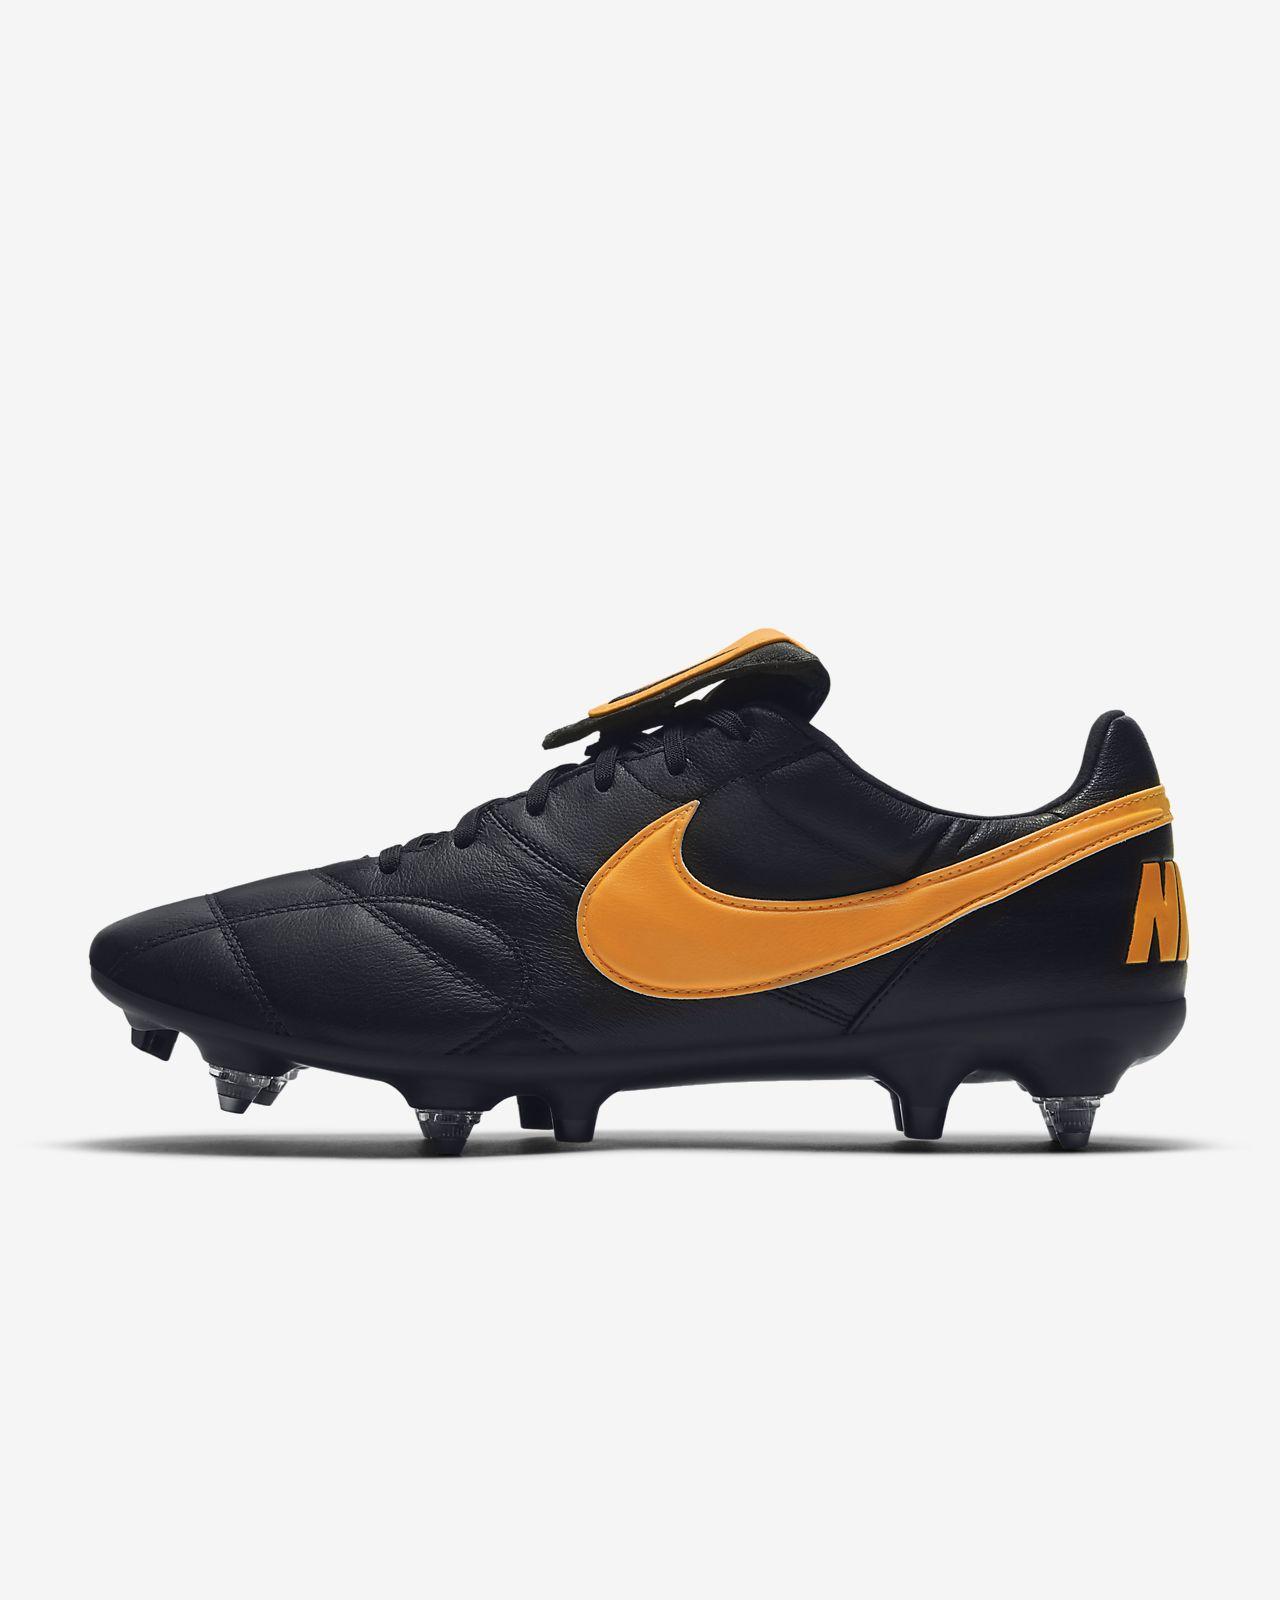 Nike Premier II Anti-Clog Traction SG-PRO fotballsko til mykt underlag